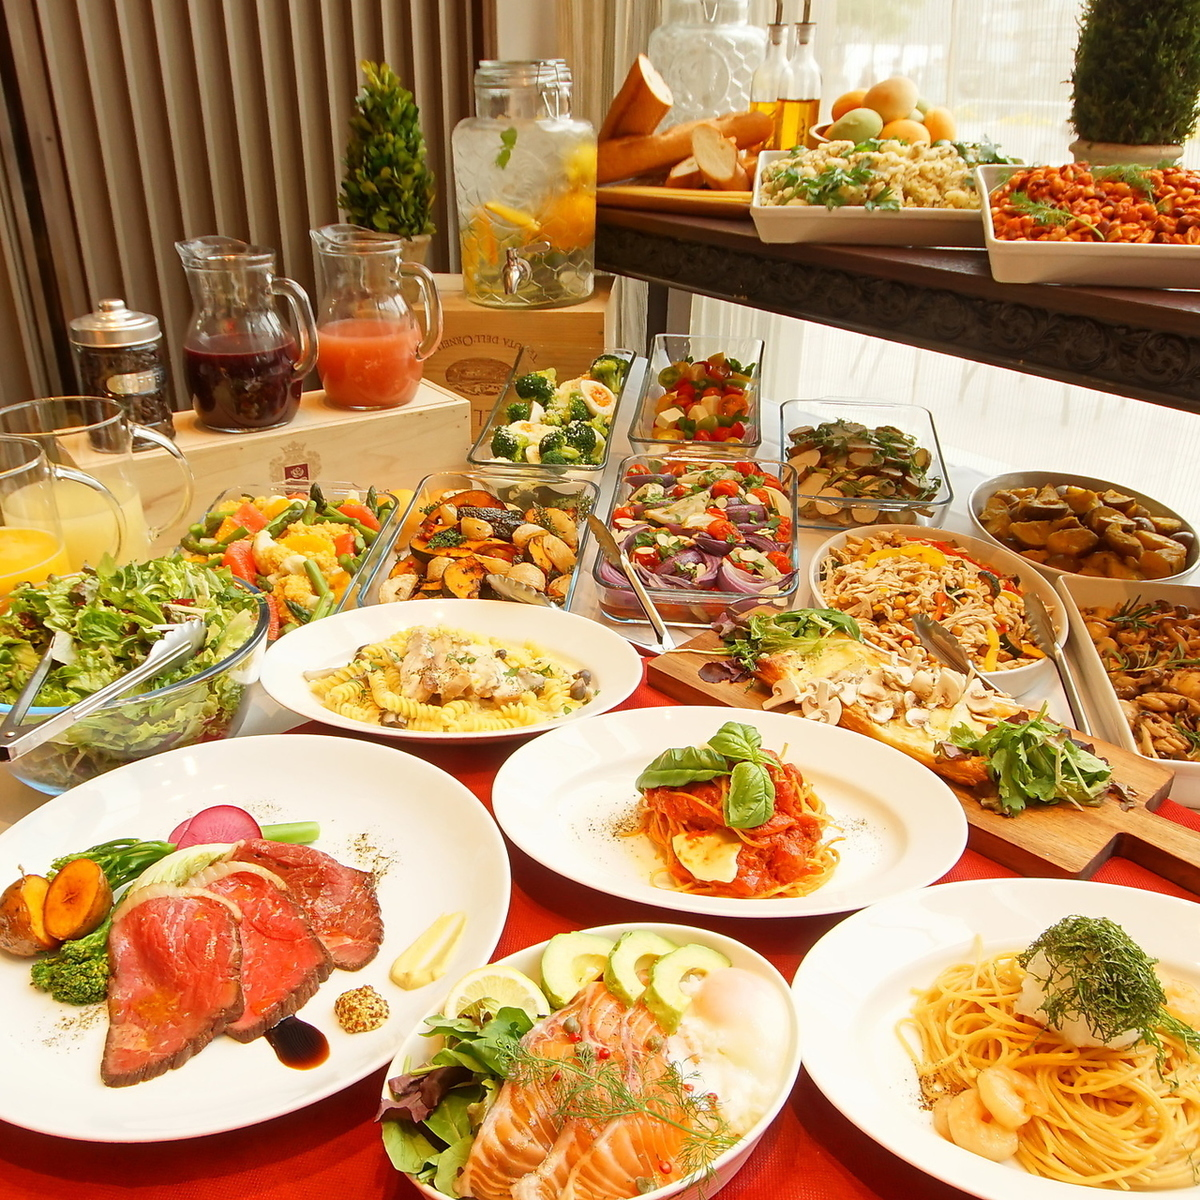 【平日ランチ】選べるメインは隔週で変更!旬の食材を使用したランチをどうぞ!